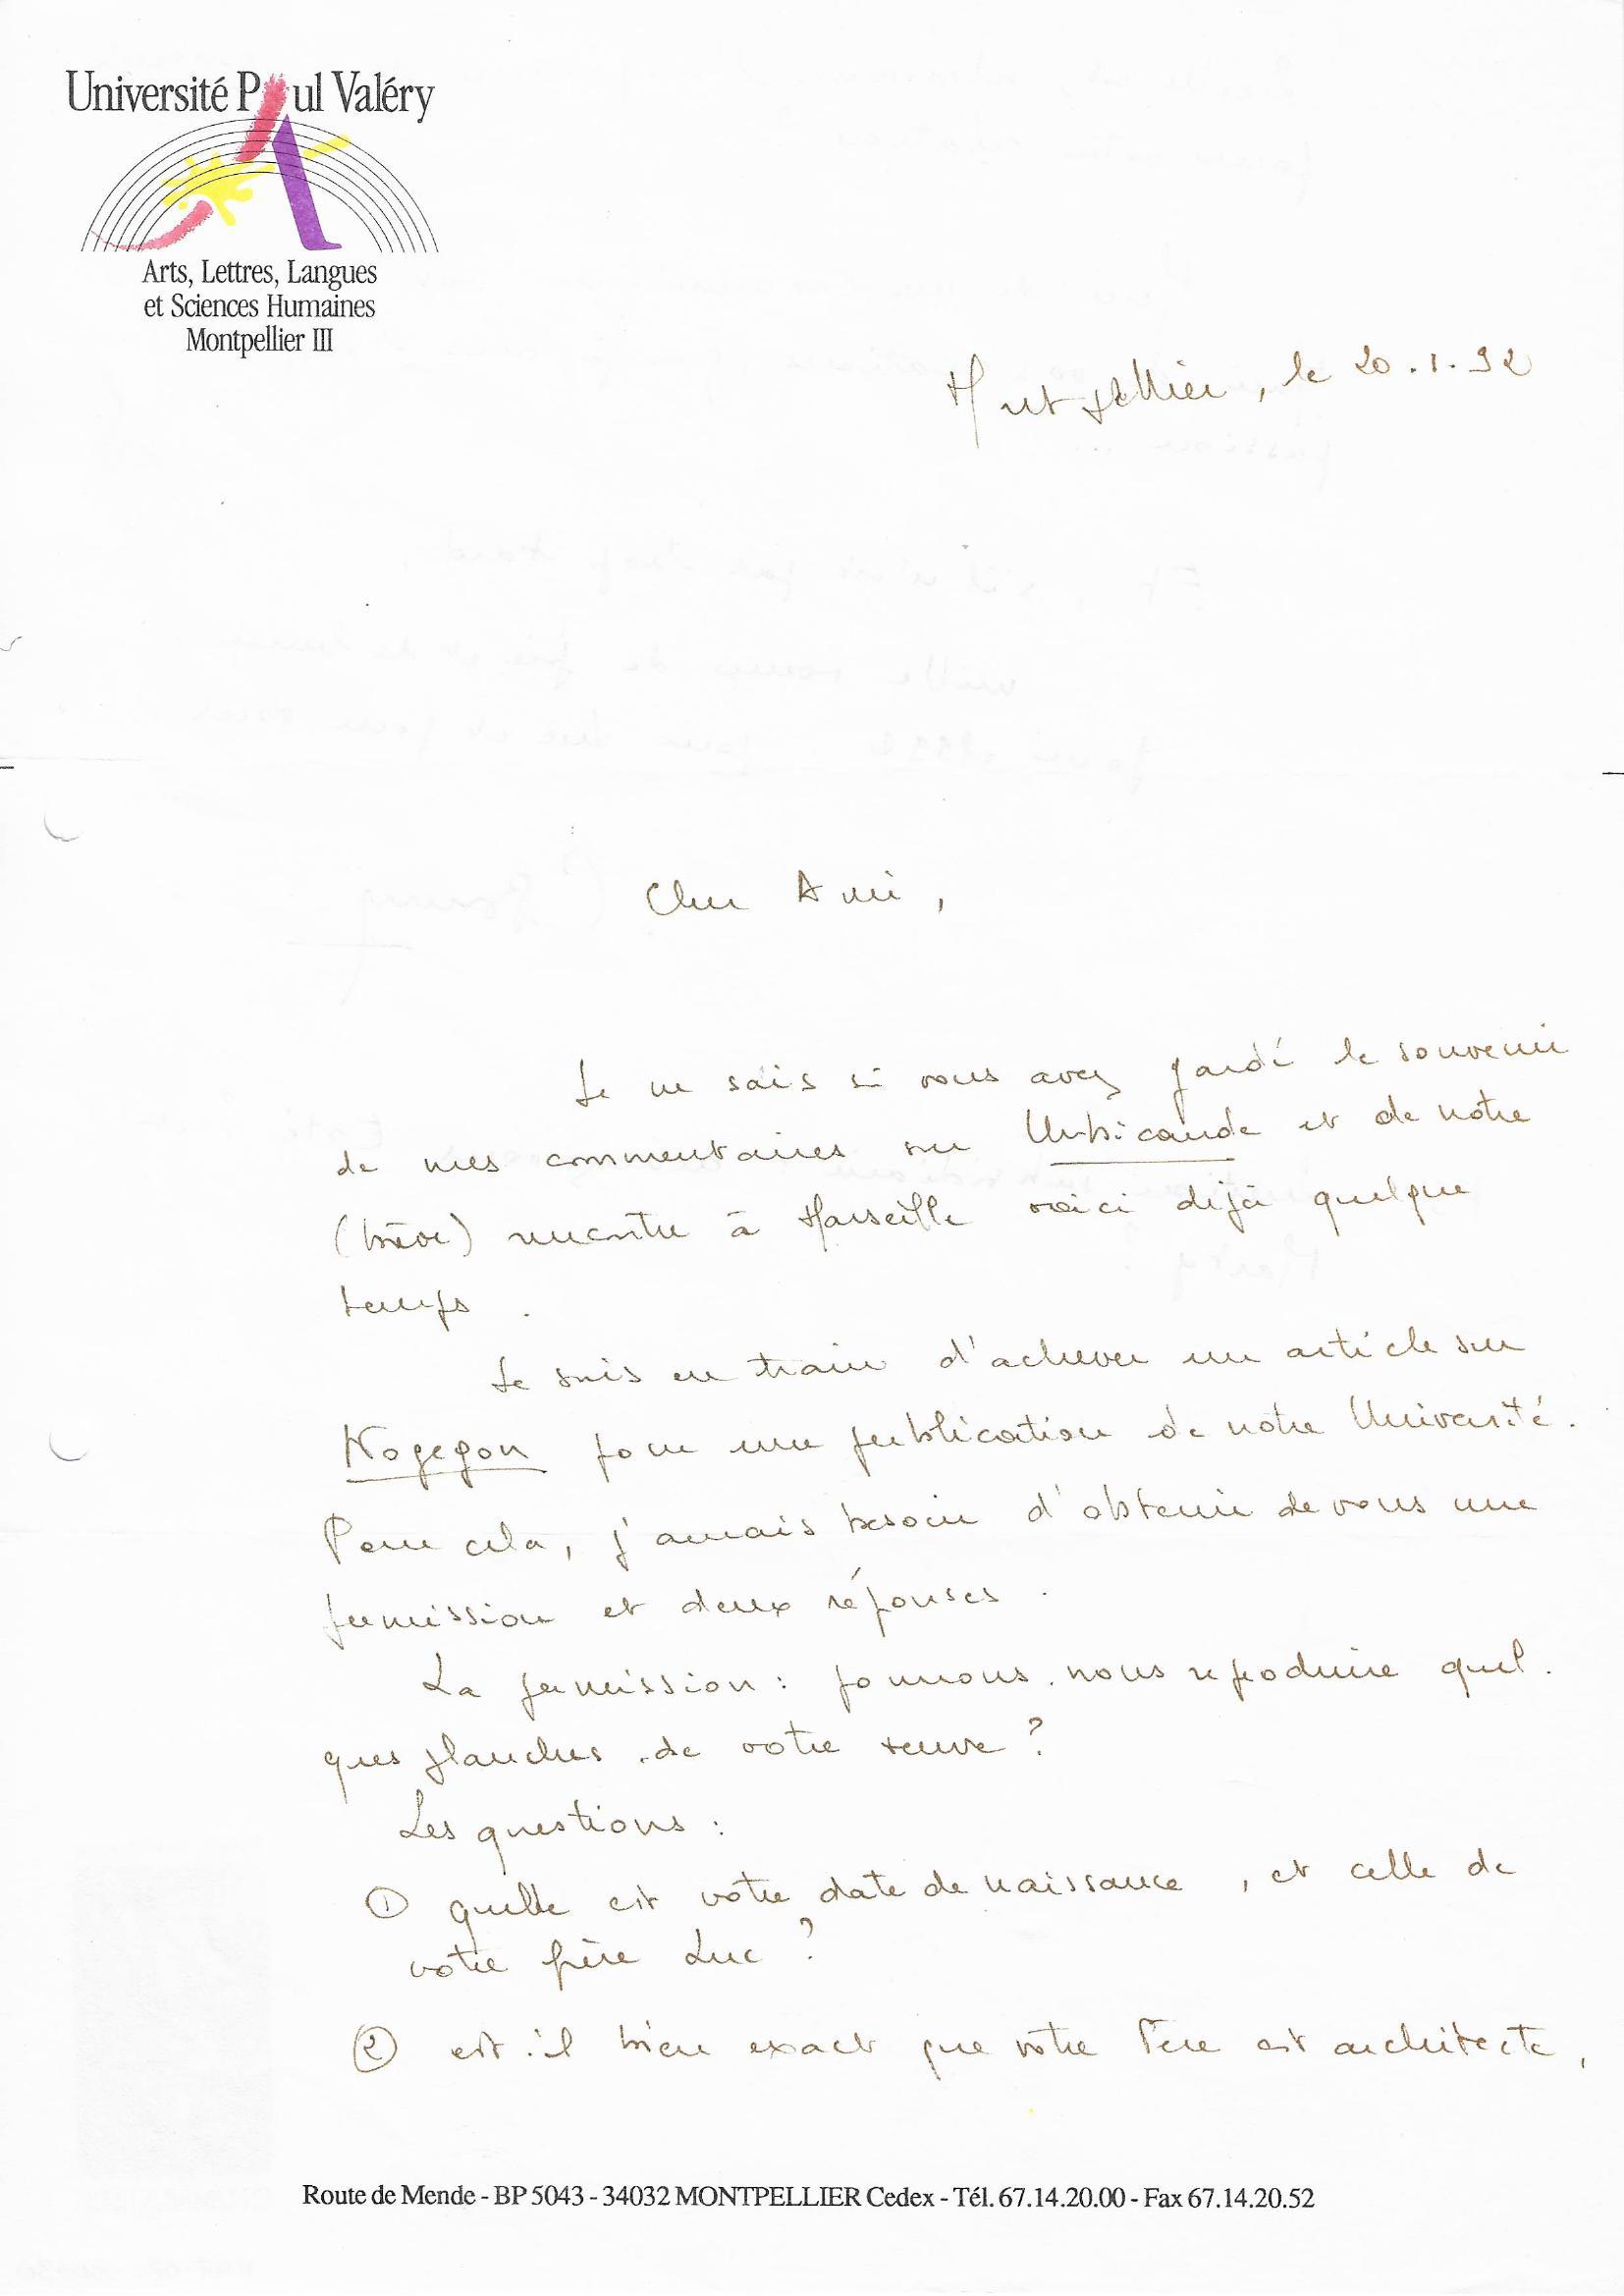 Lettre Université Paul Valéry© Maison Autrique, 1992